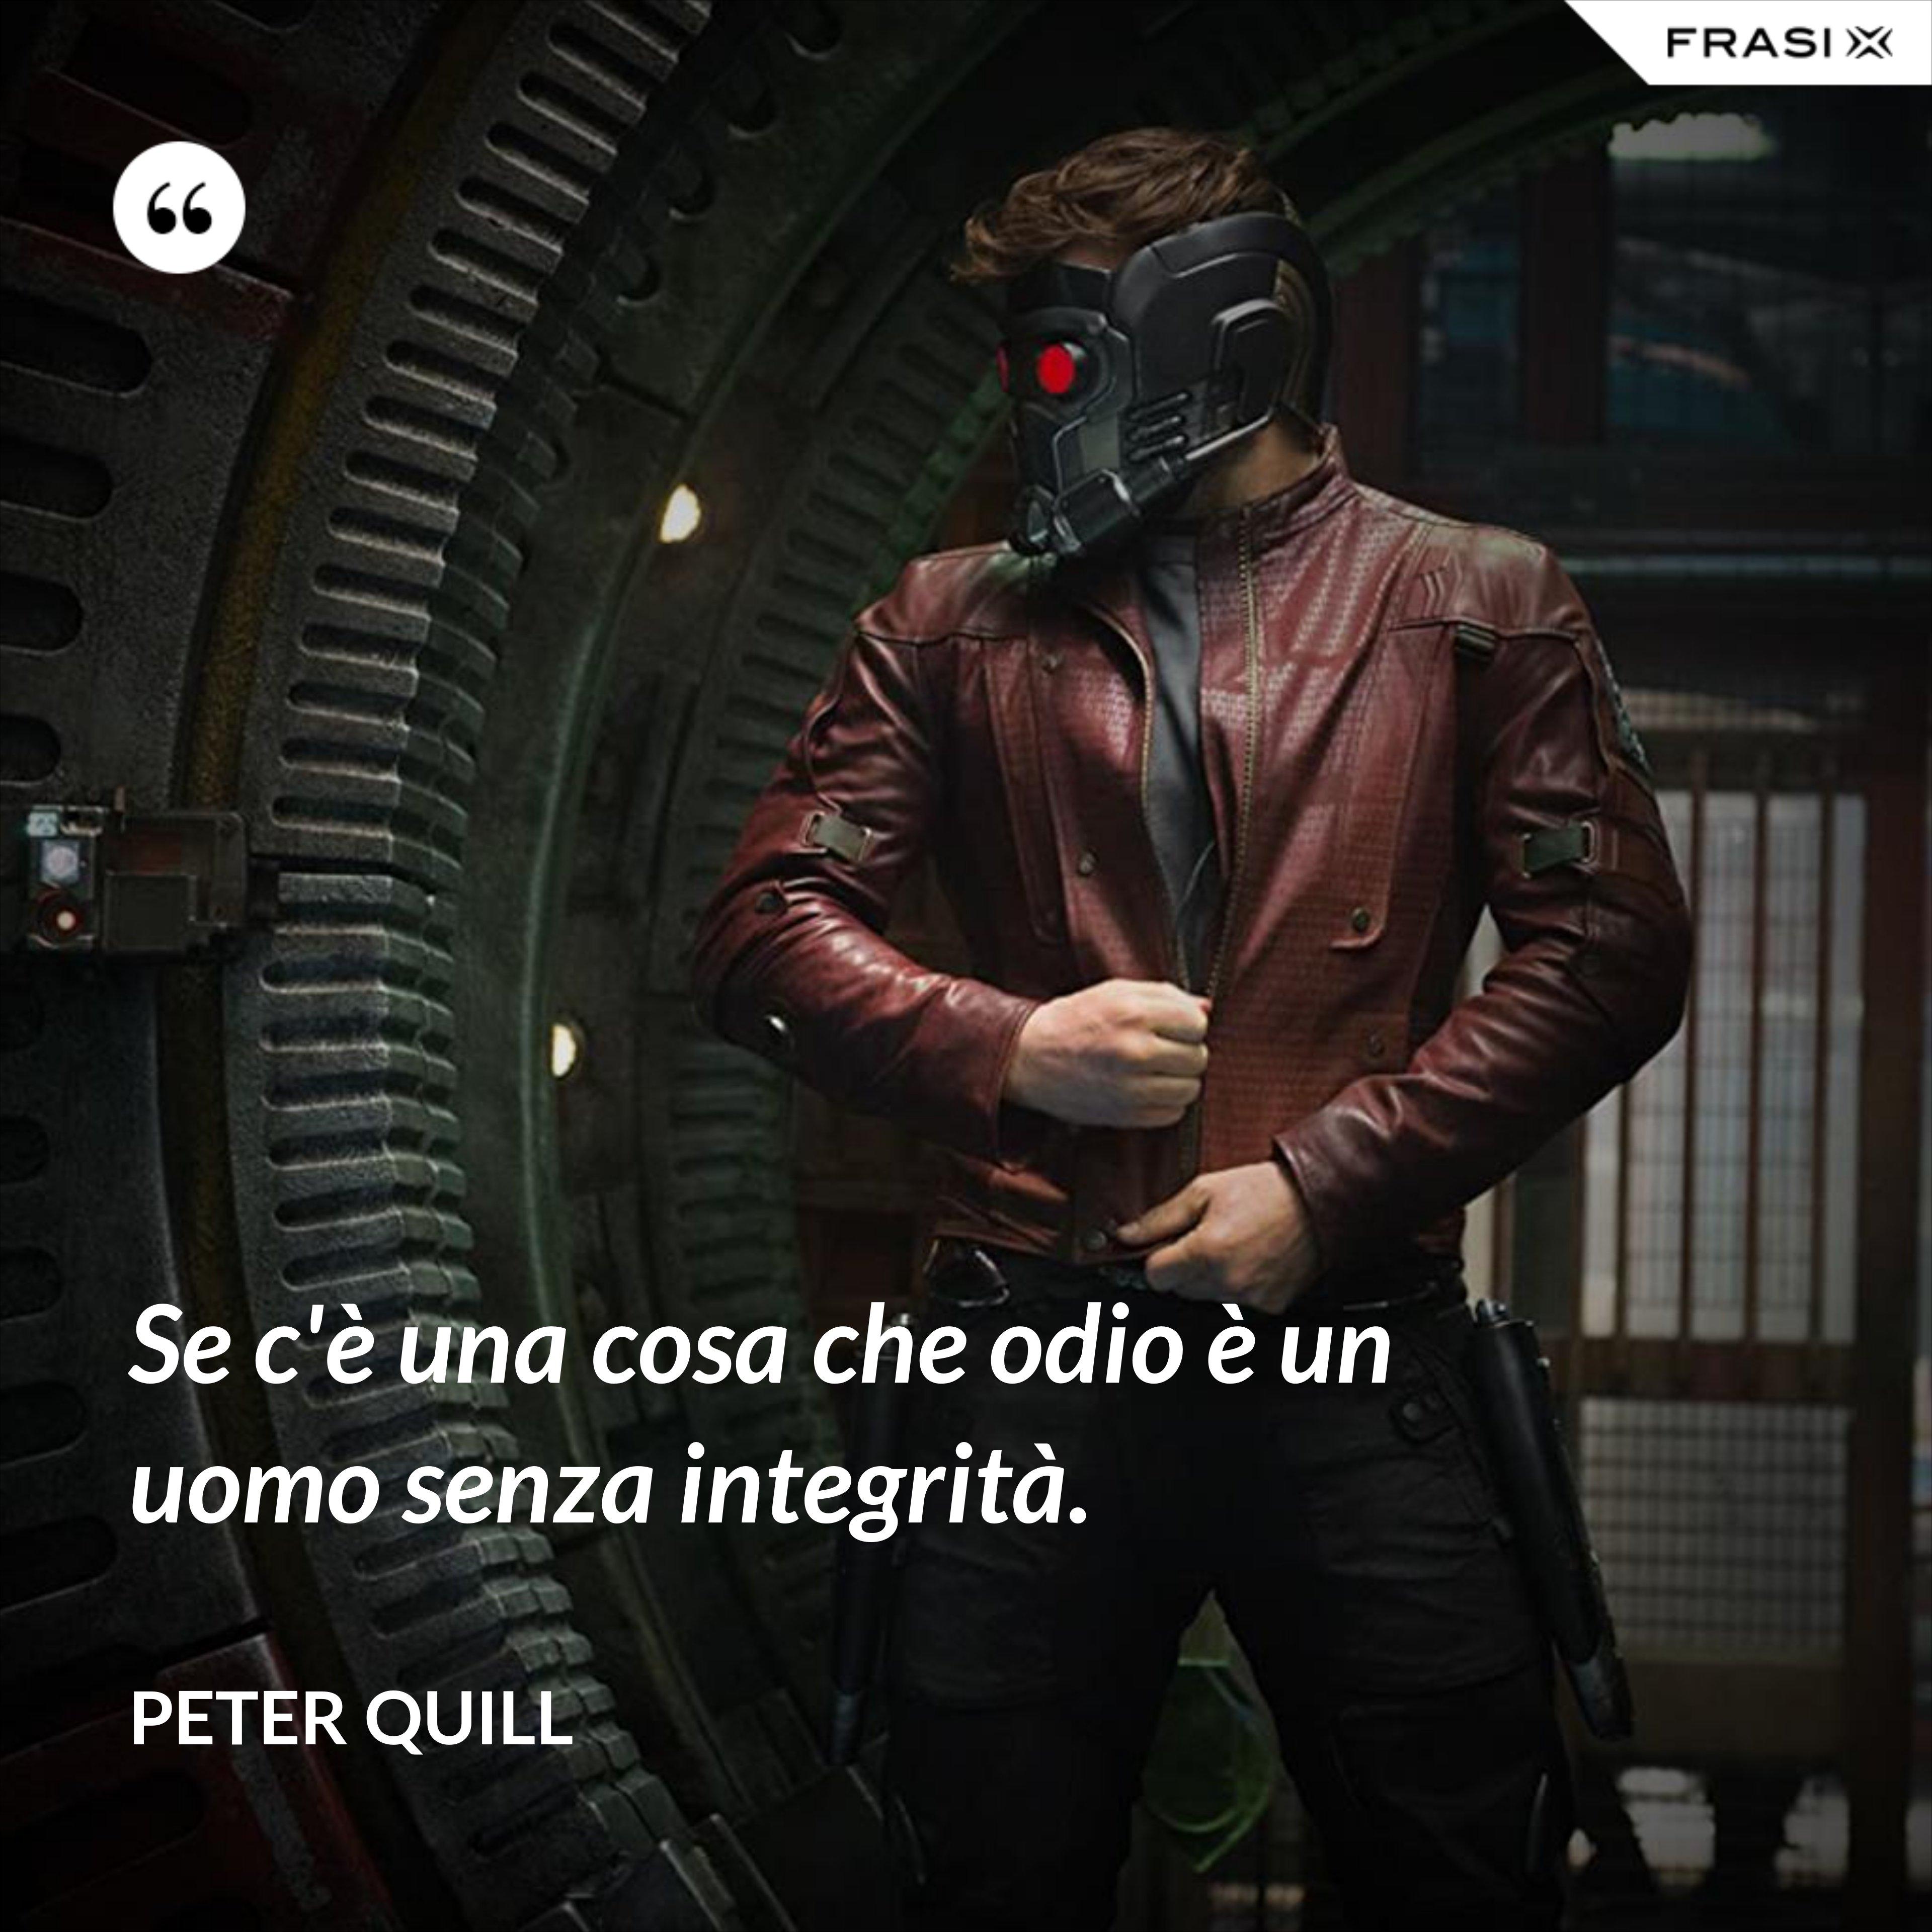 Se c'è una cosa che odio è un uomo senza integrità. - Peter Quill